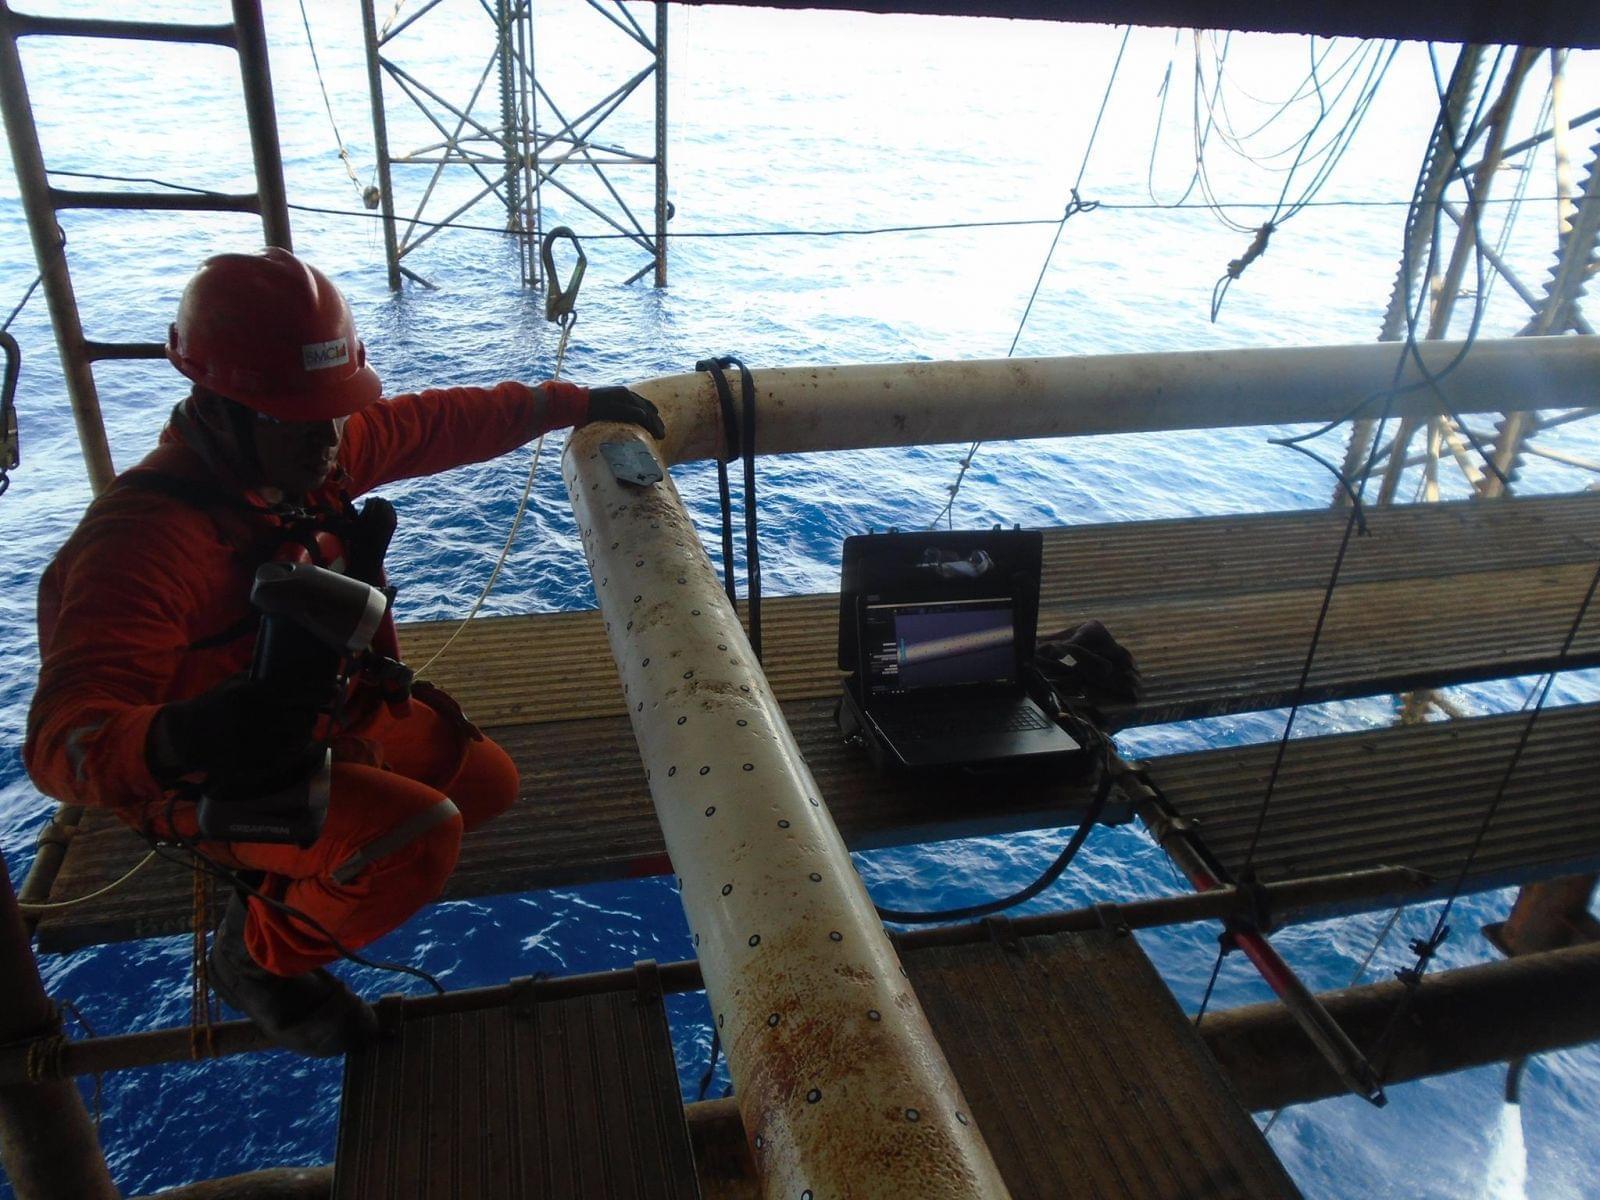 thuê đo quét 3d đường ống dầu khí